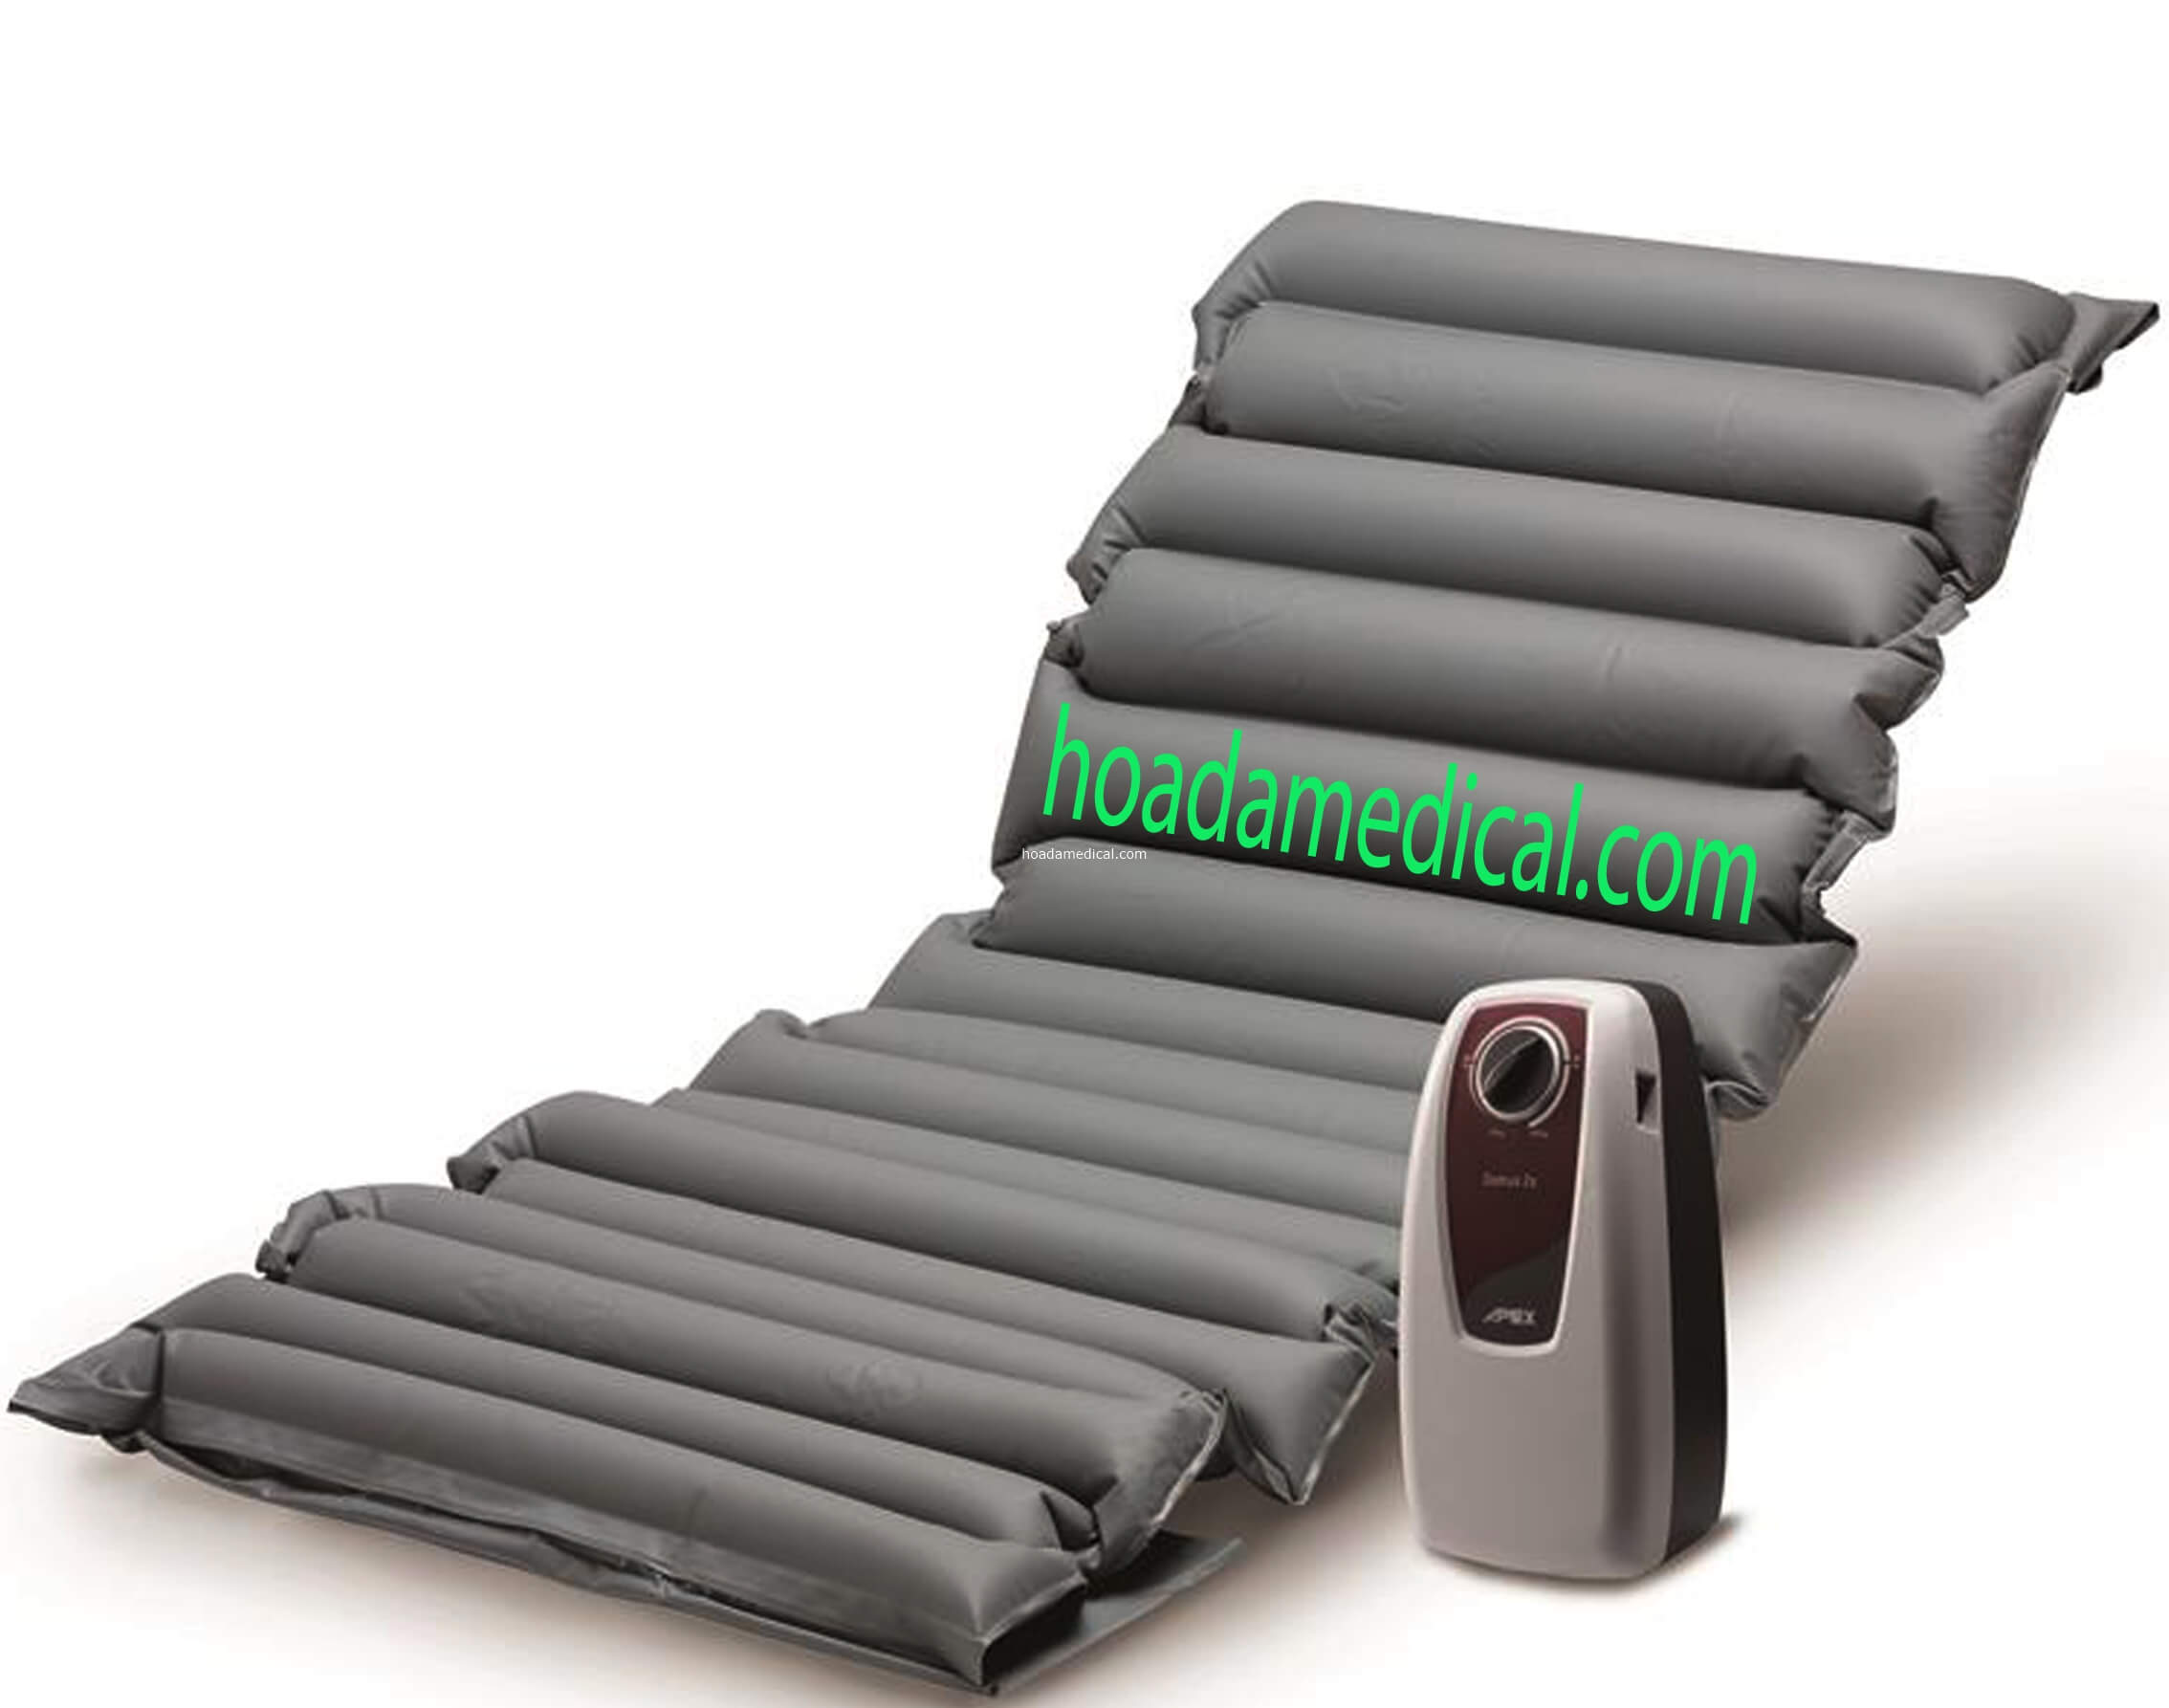 Nệm chống loét với cấu tạo nhiều múi xen kẽ tạo độ thoáng khí, êm ái cho người nằm